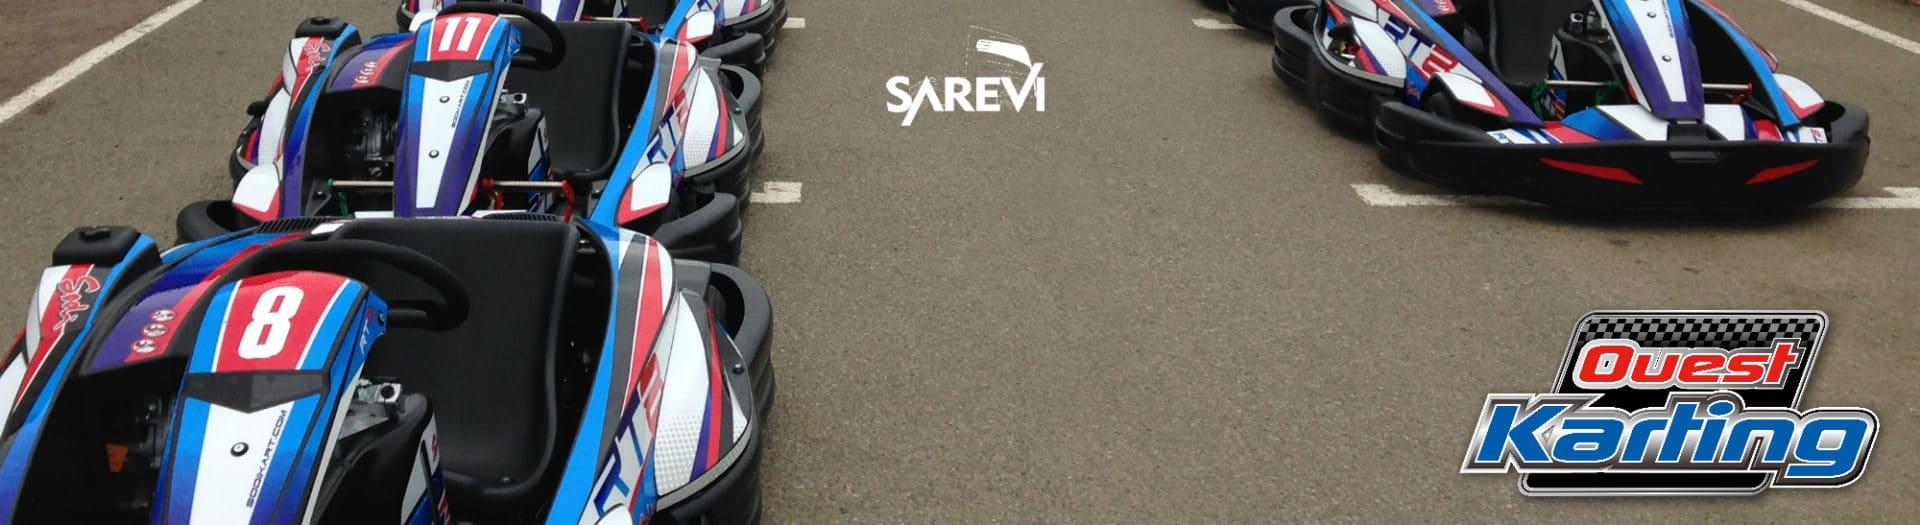 Souvenir de notre journée Karting